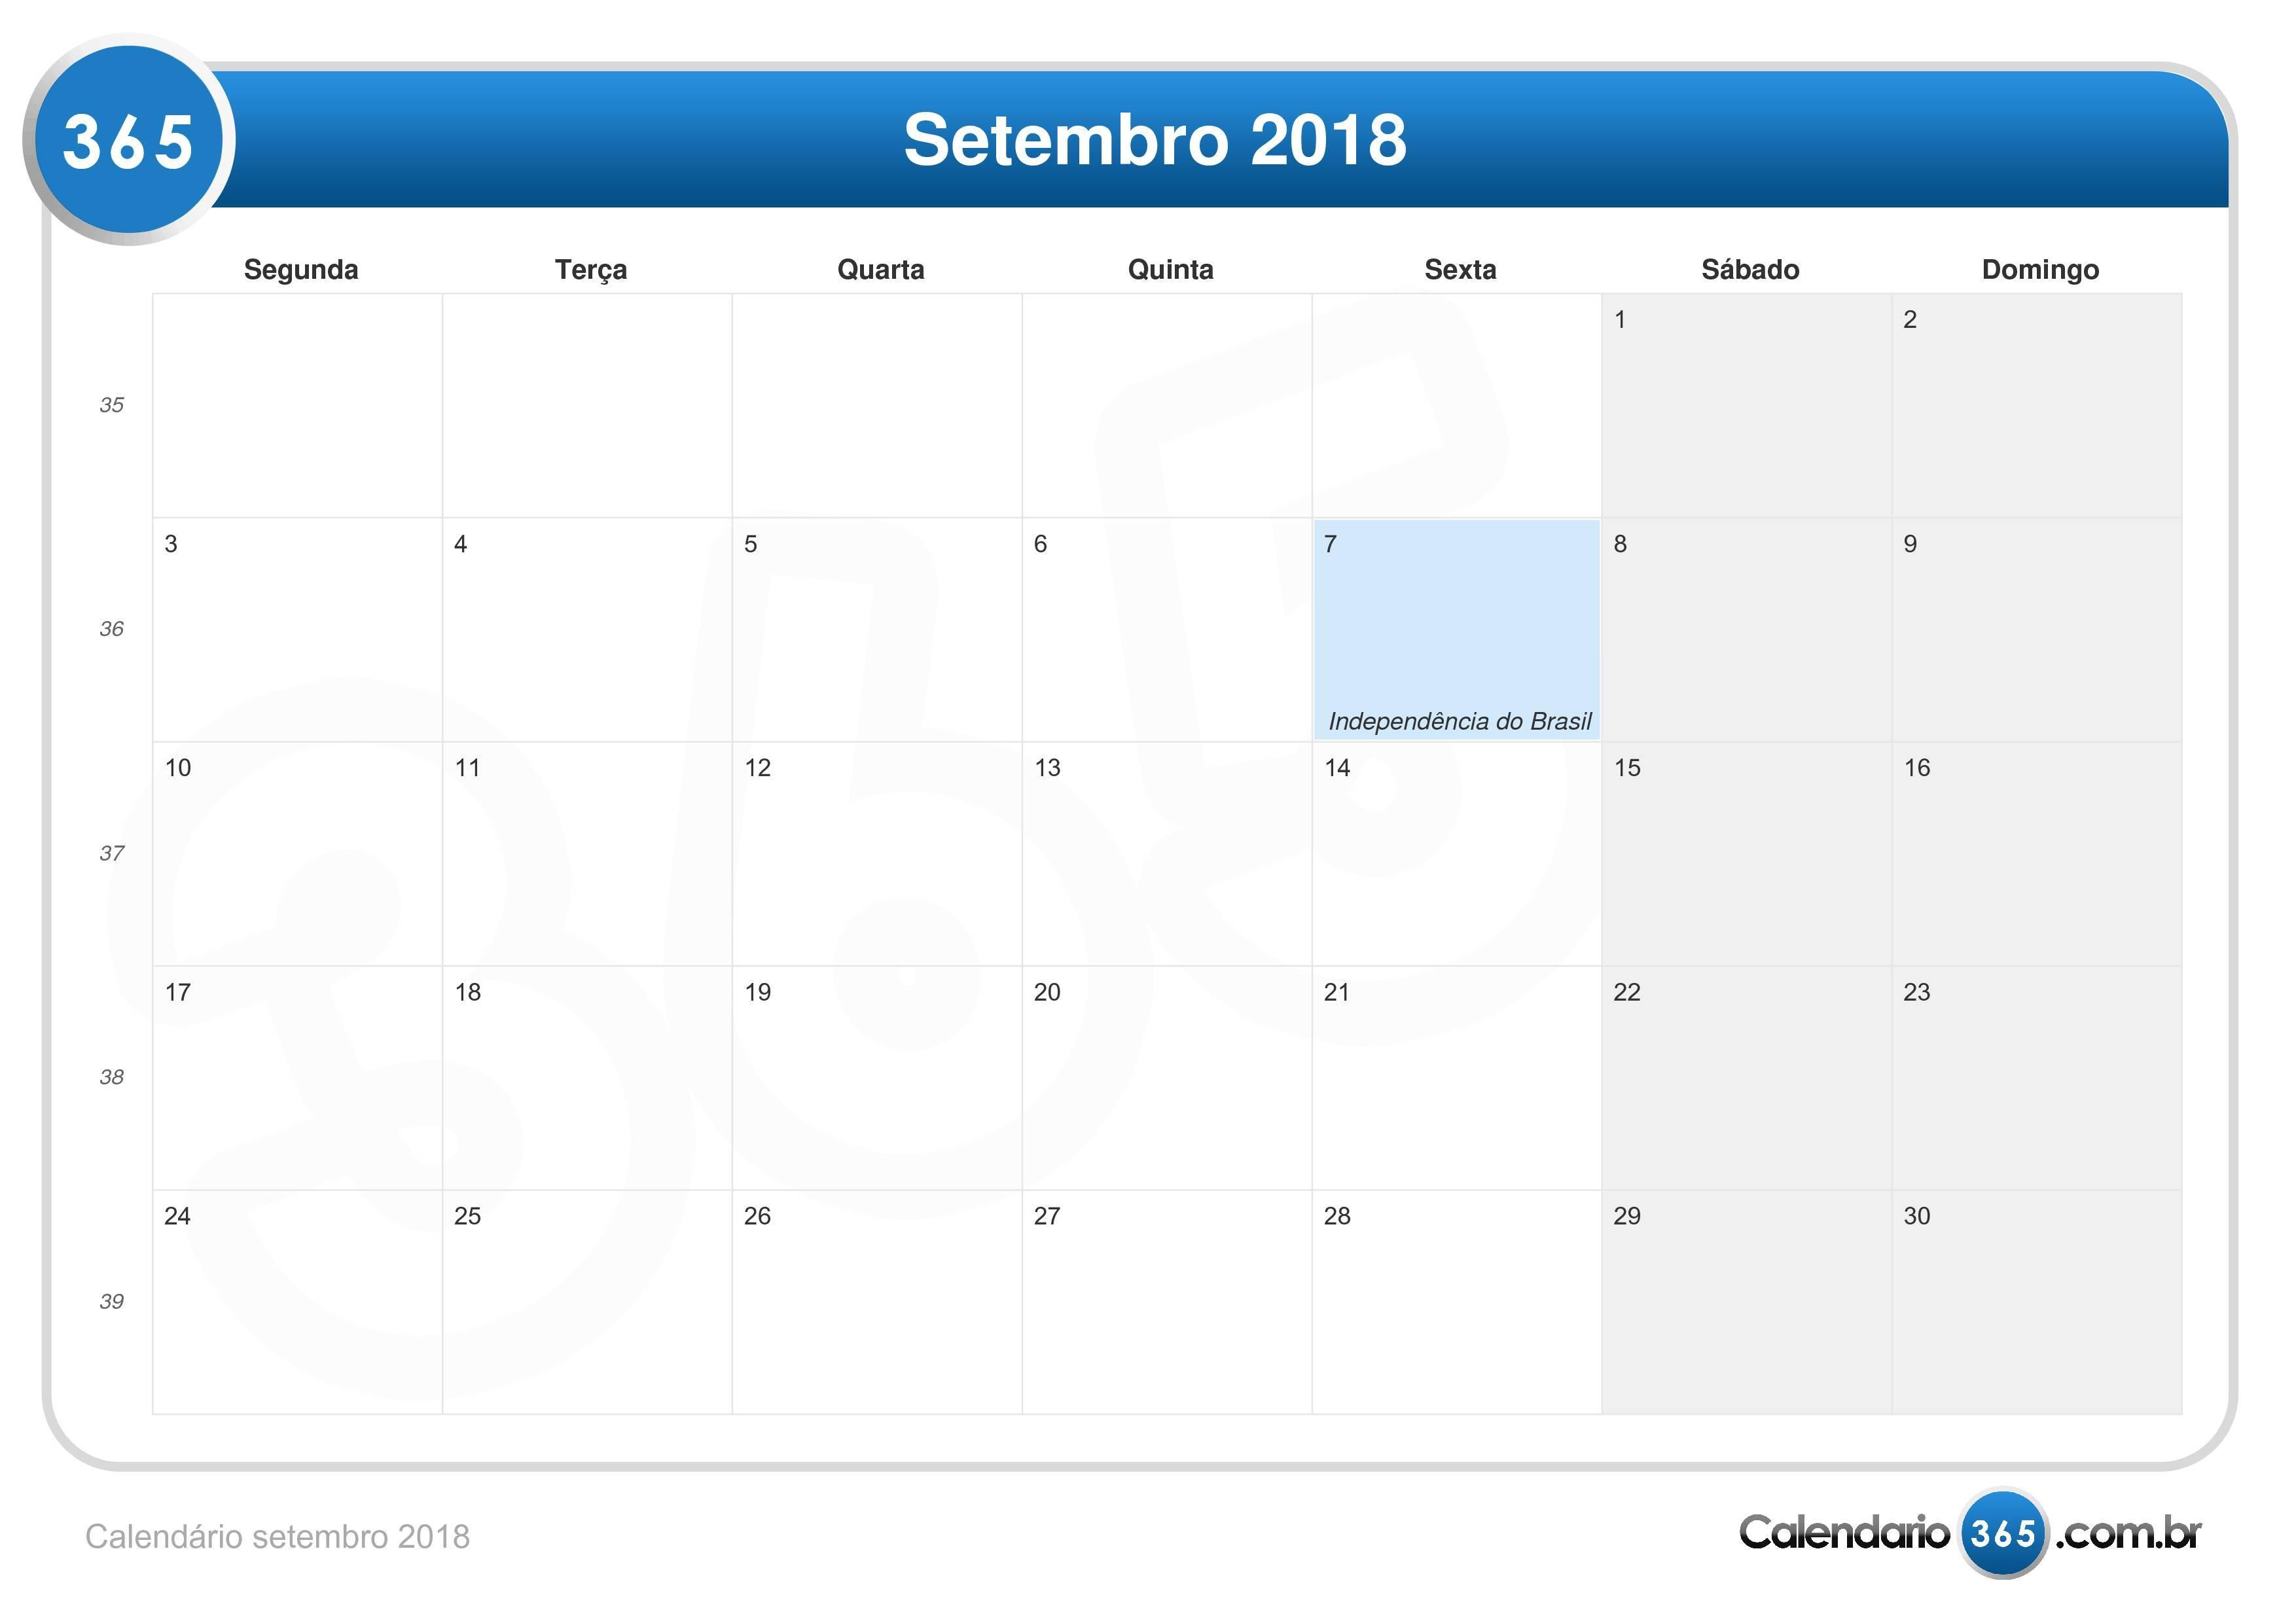 Calend rio setembro 2018 for Calendario de pared 2018